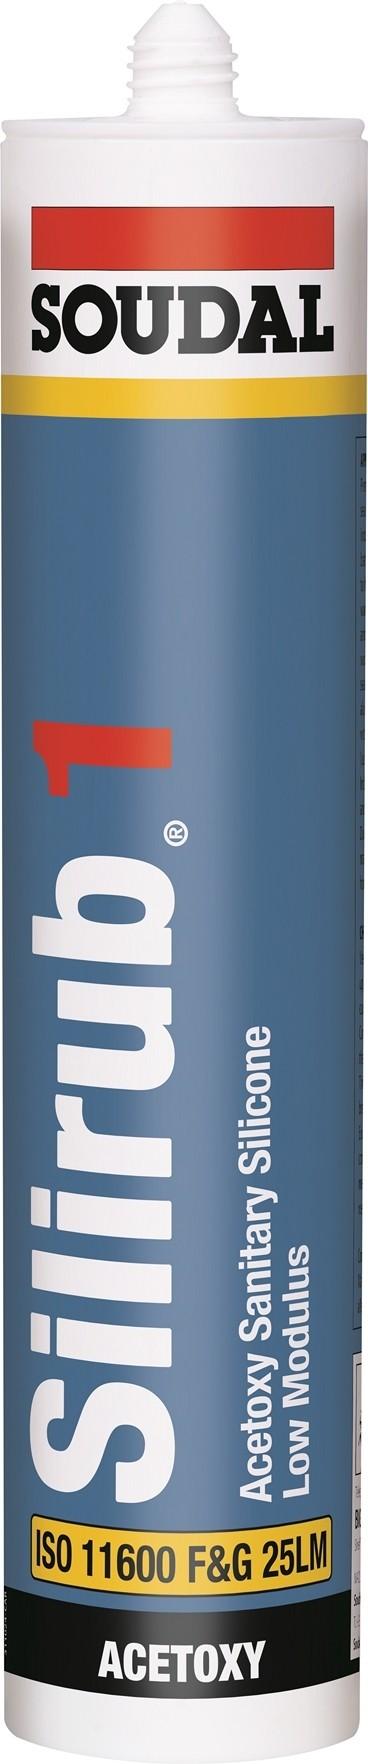 Silirub 1 Universal White Silicone 300ml